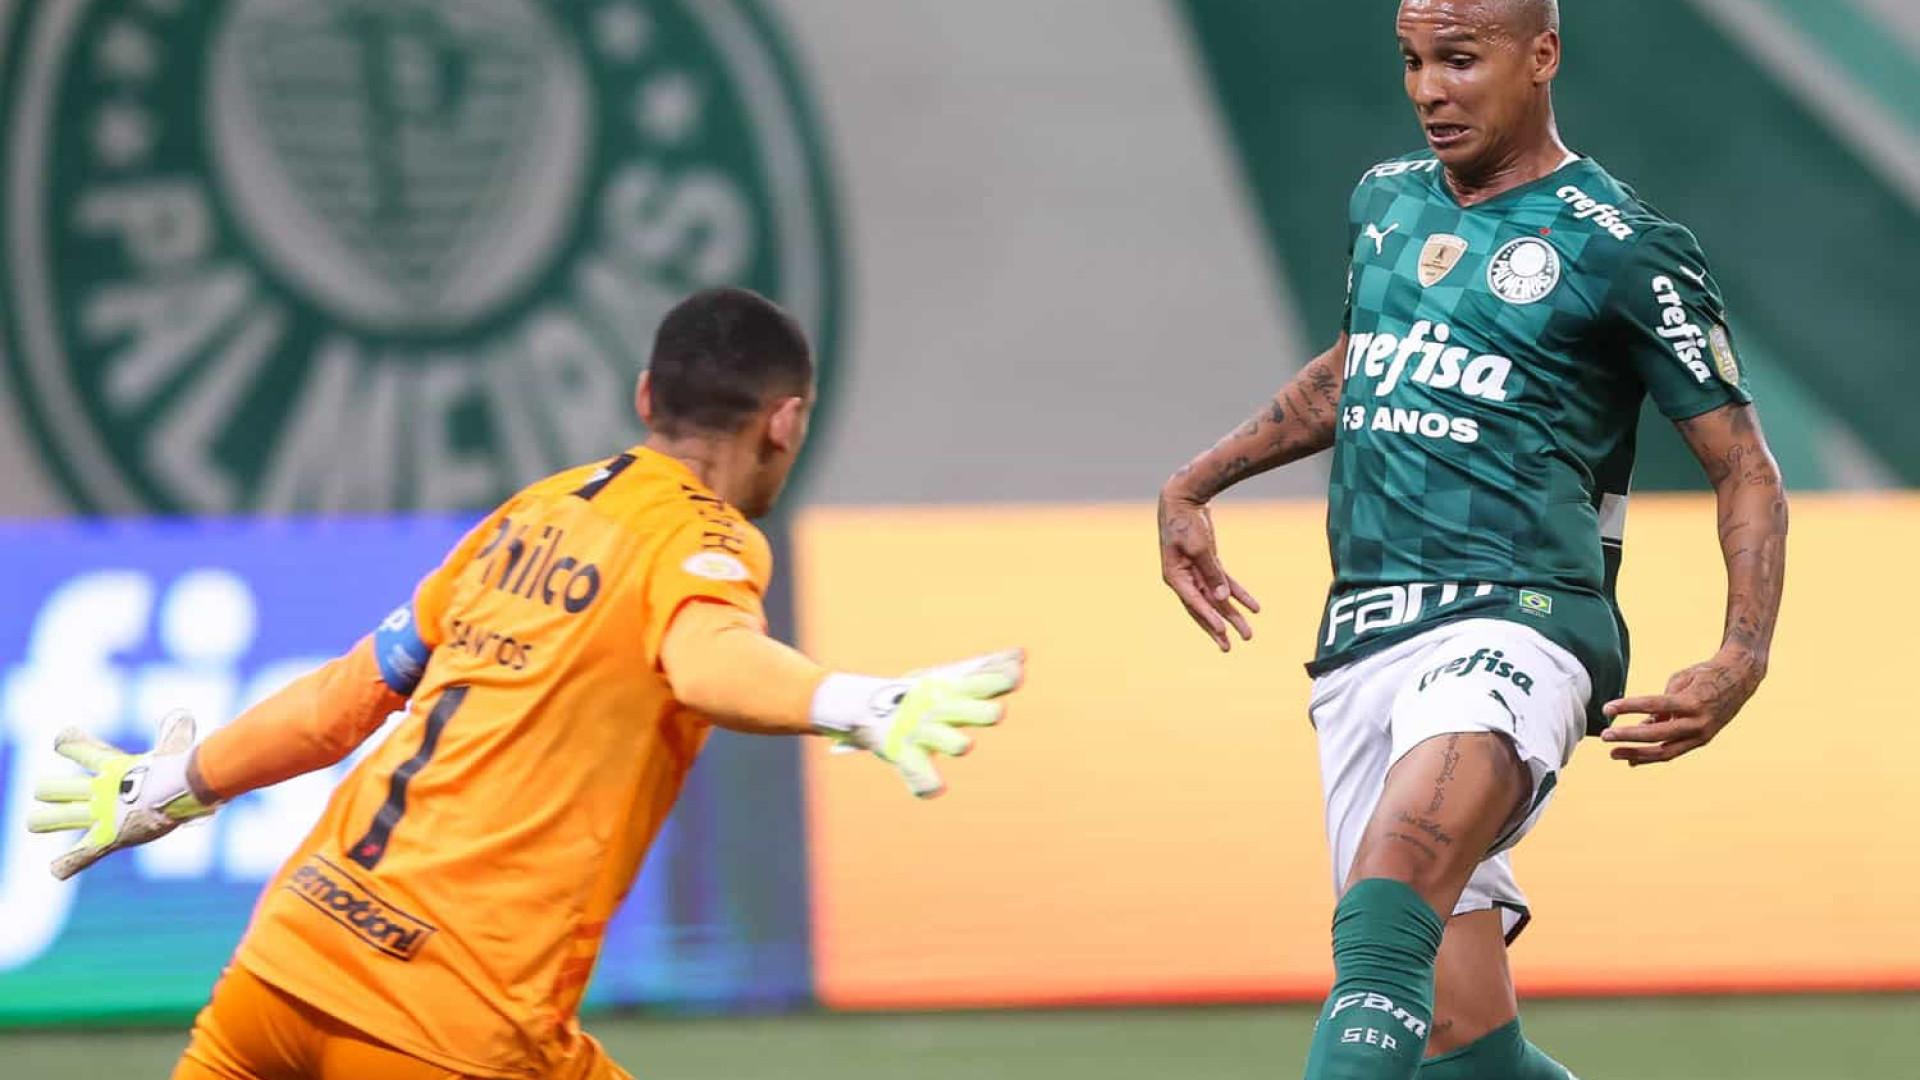 Palmeiras encerra semana de seu aniversário com vitória sobre o Athletico